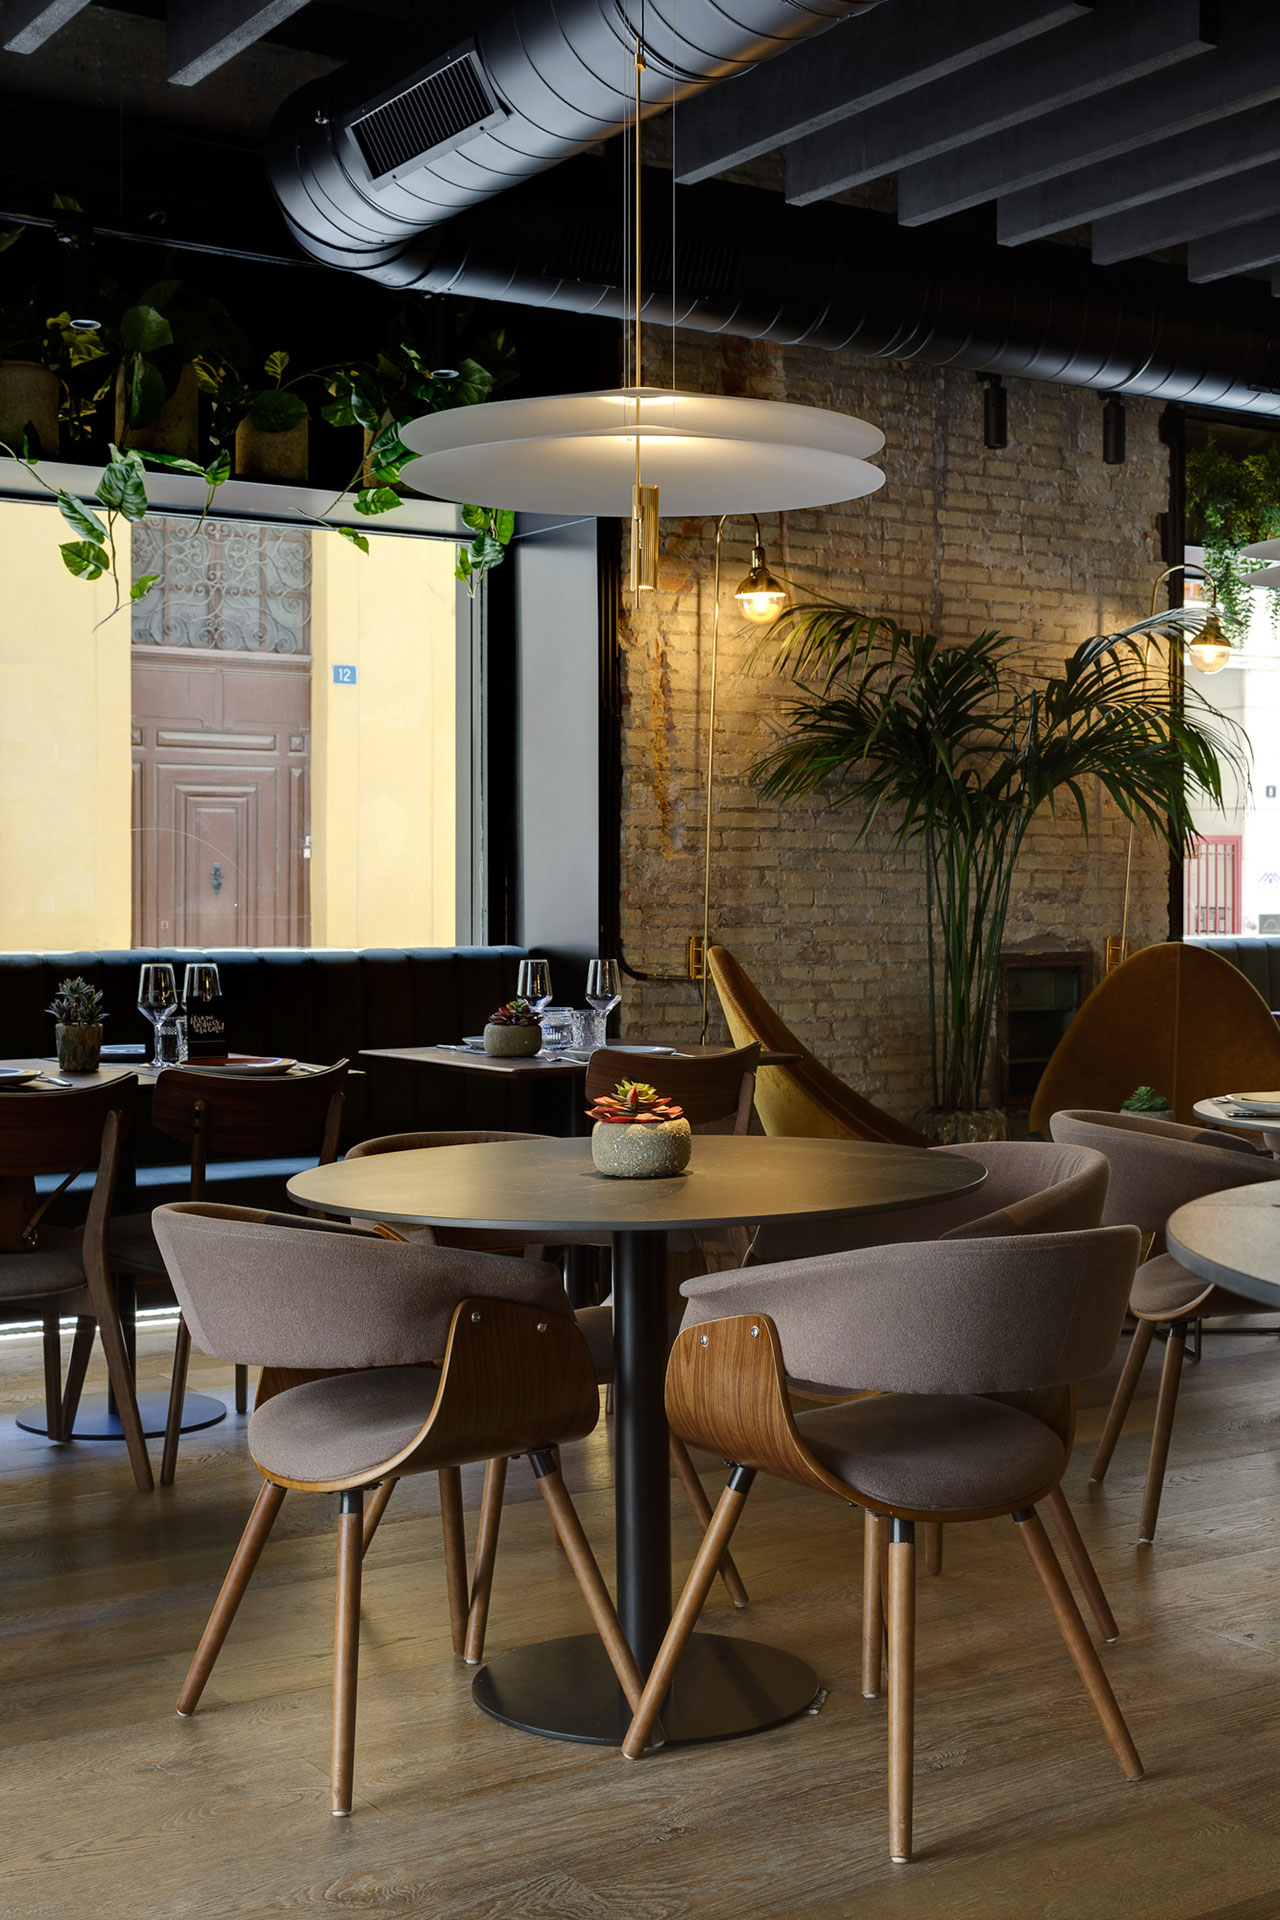 Proyecto de interiorismo y decoración para restaurante de cocina internacional